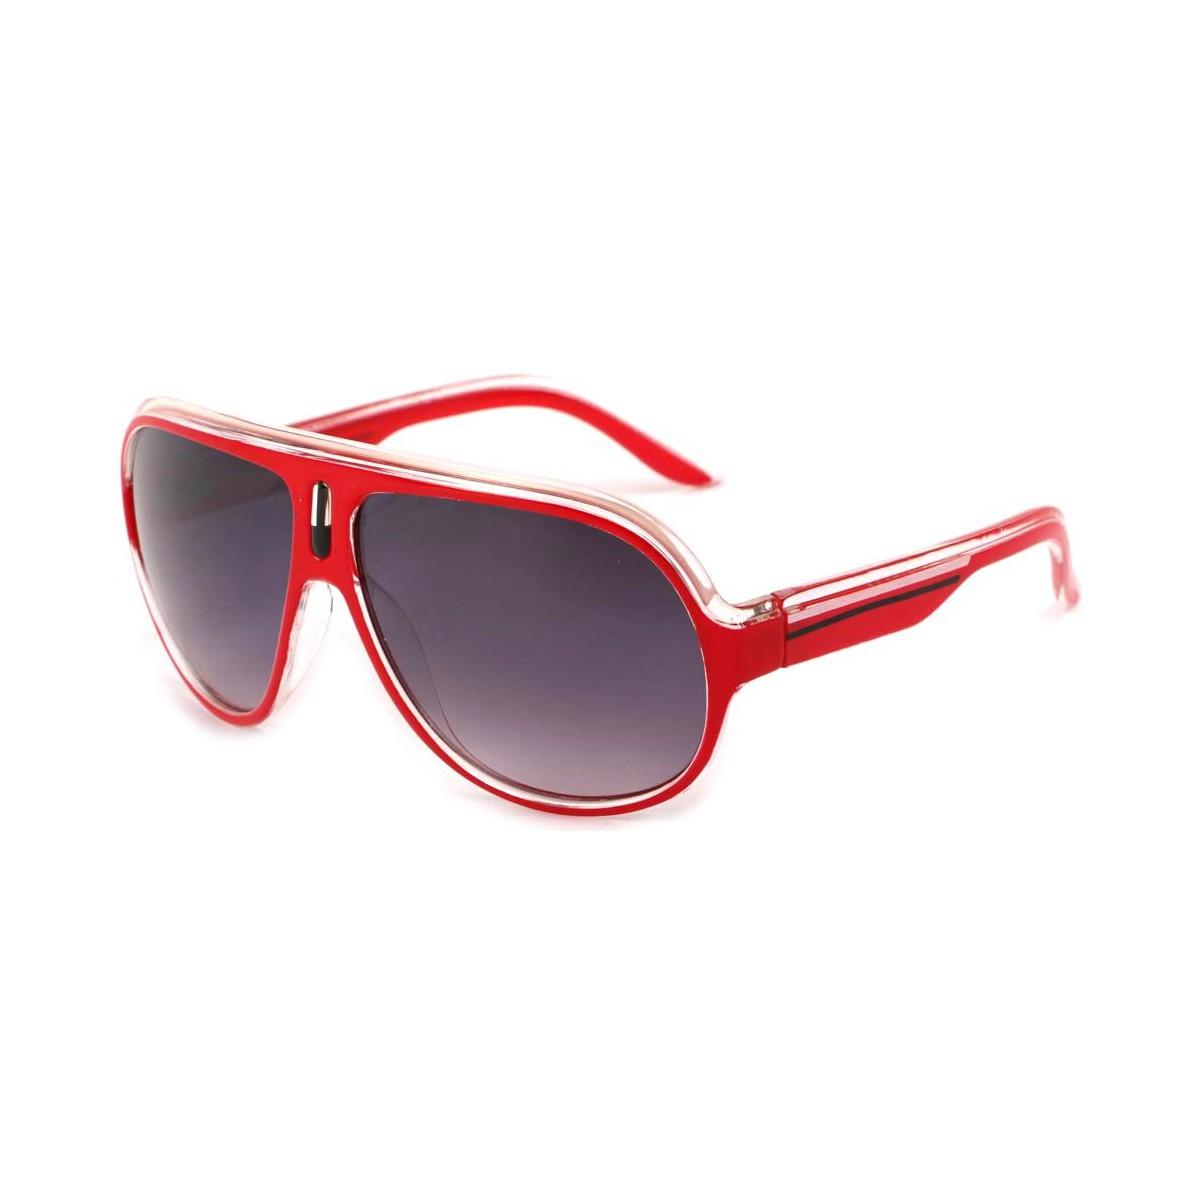 Eye Wear Lunettes Soleil Miles avec monture Rouge Rouge